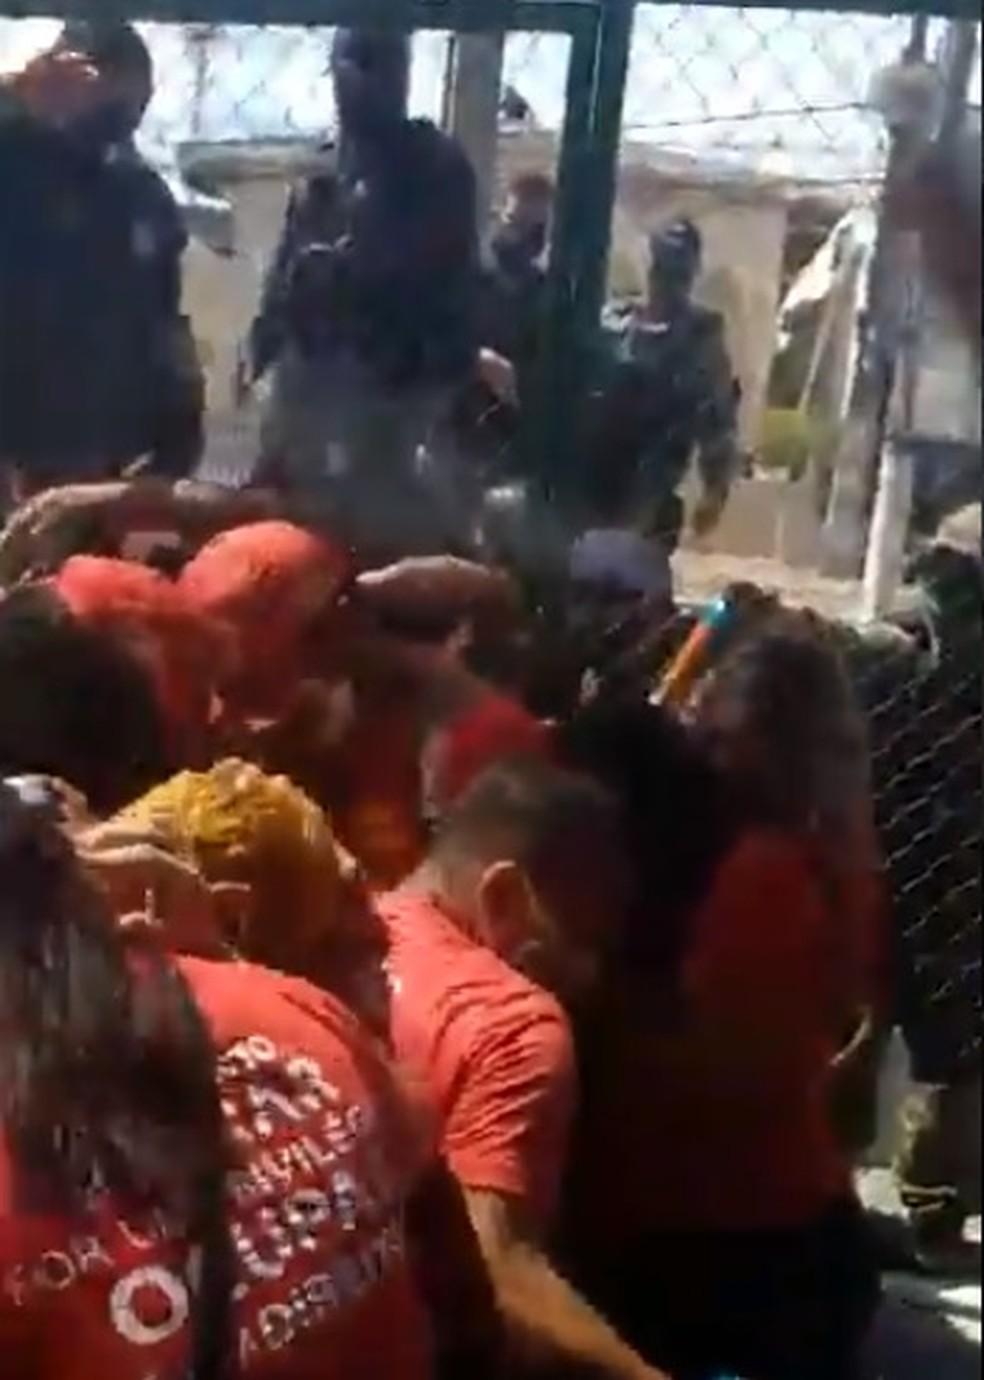 Guarda municipal lança spray de pimenta contra manifestantes do MLB em Natal — Foto: Reprodução